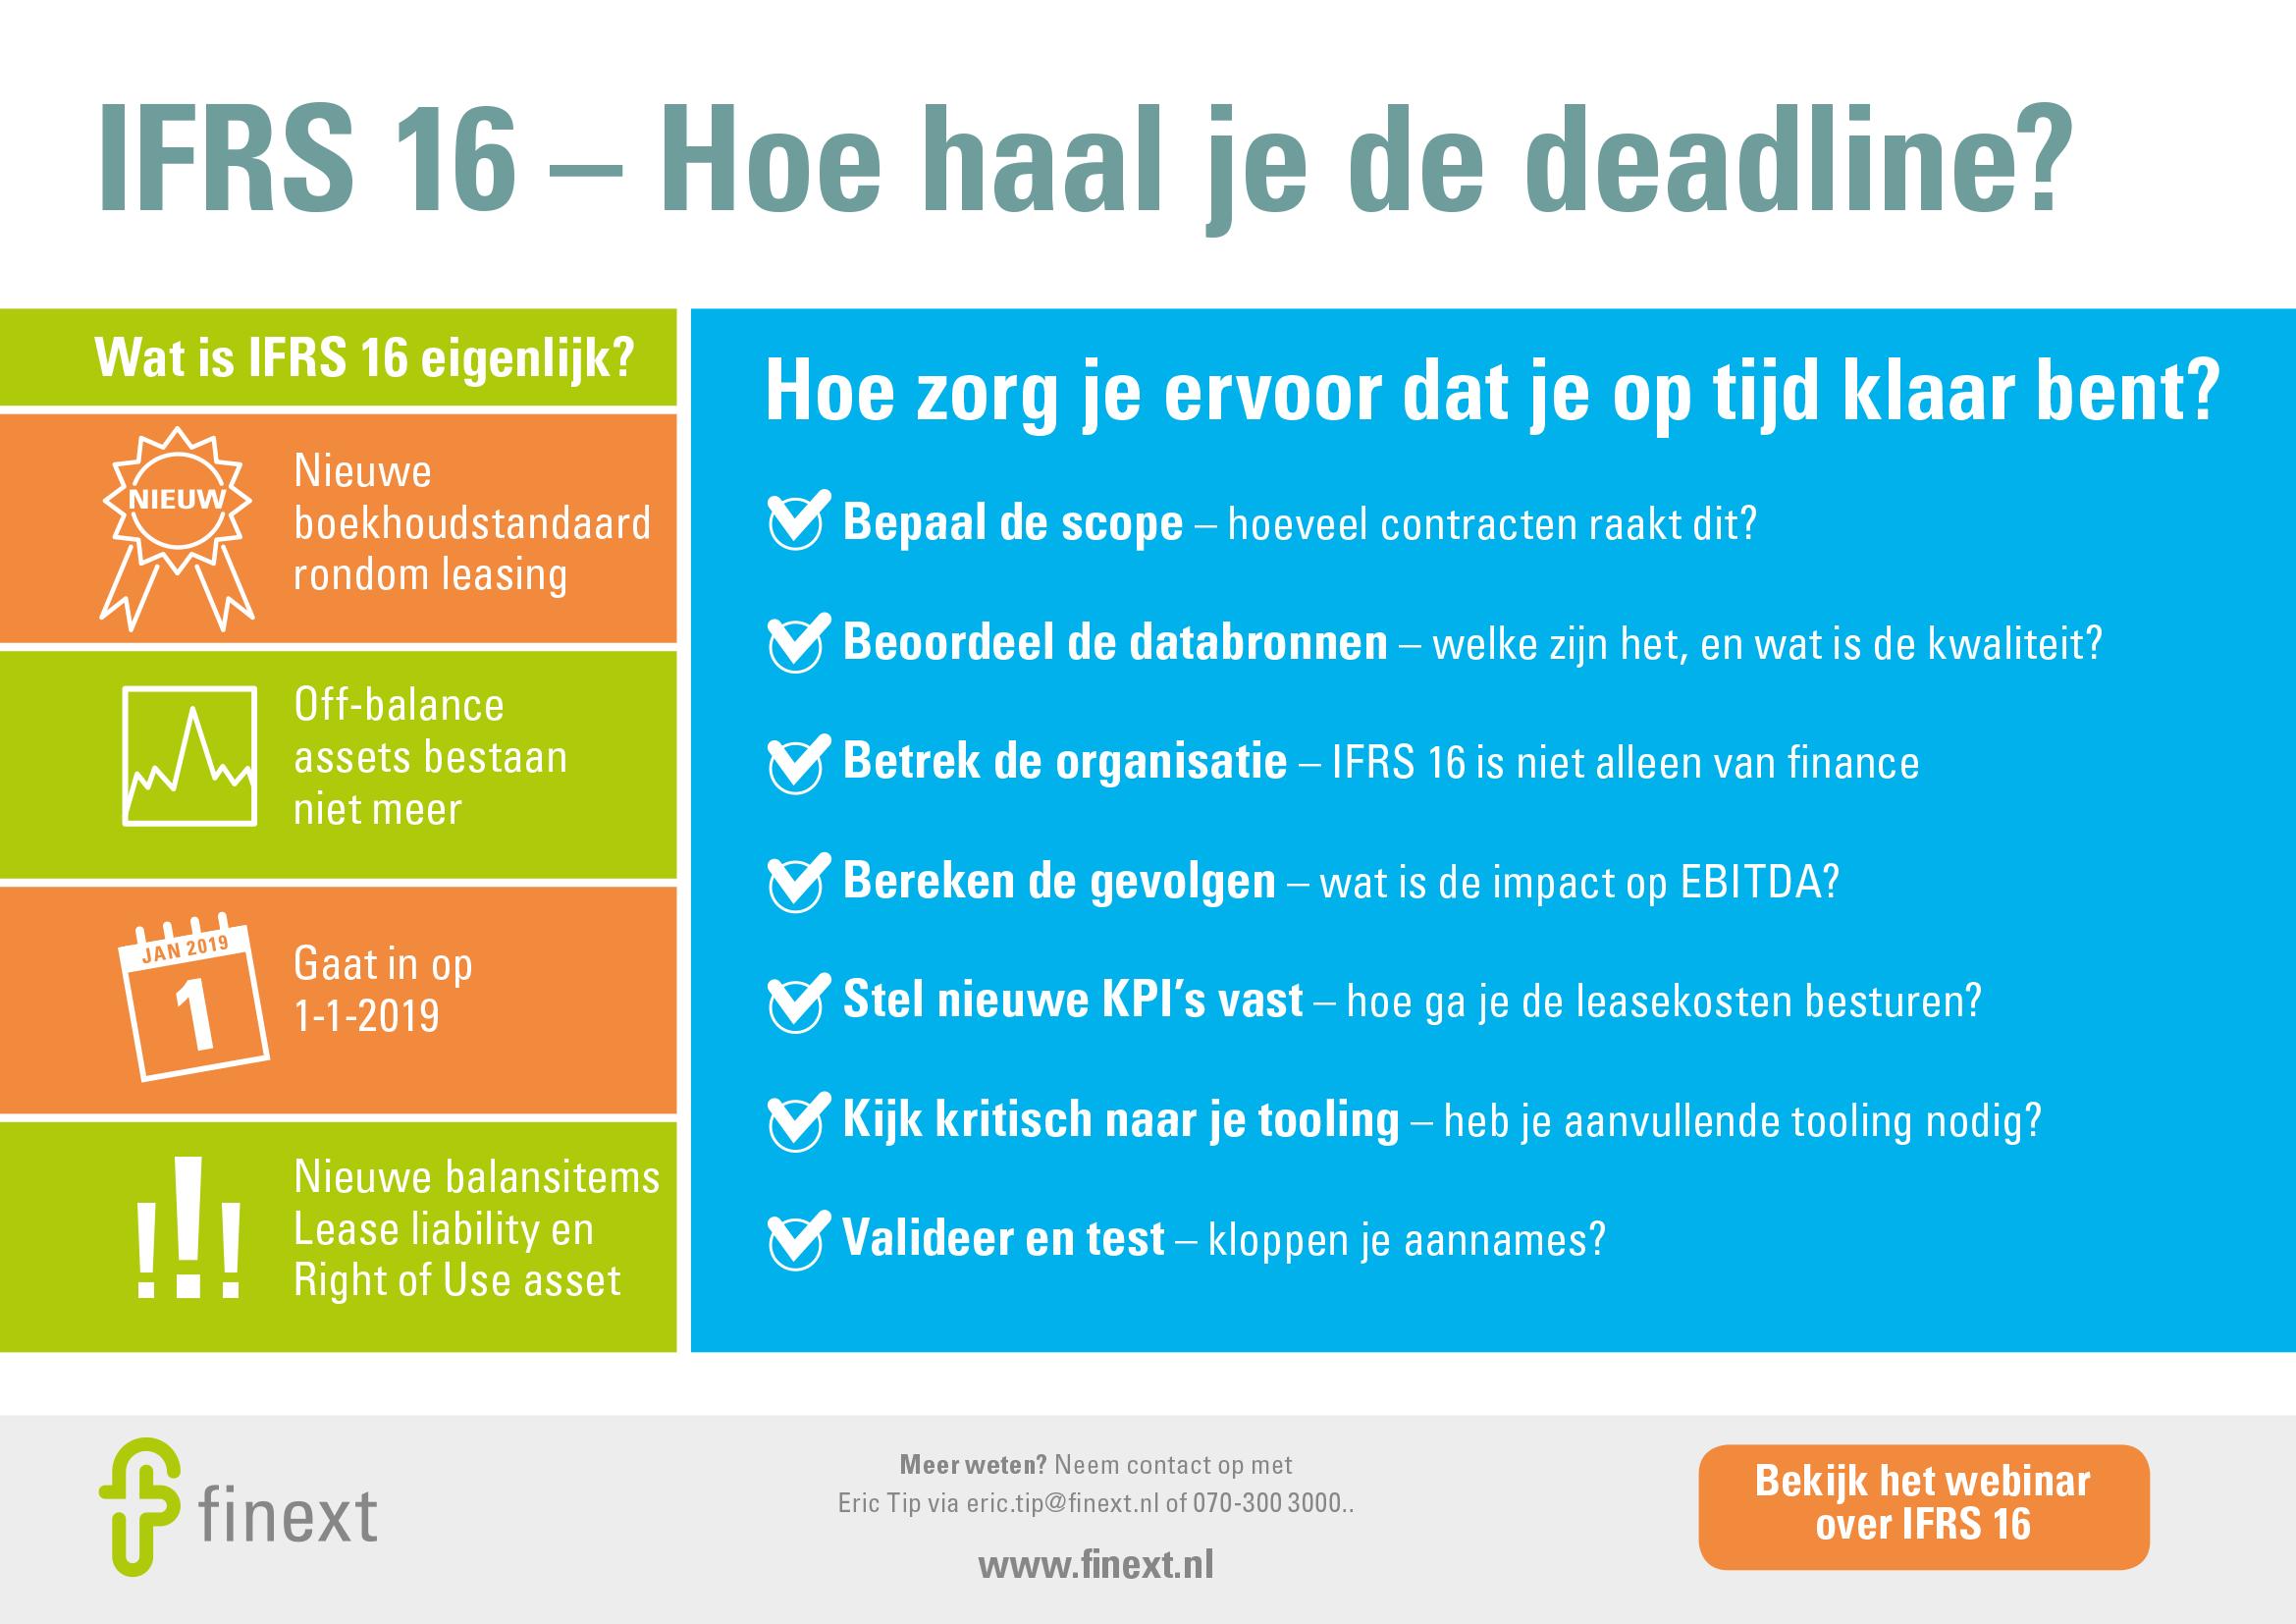 IFRS 16 Deadline